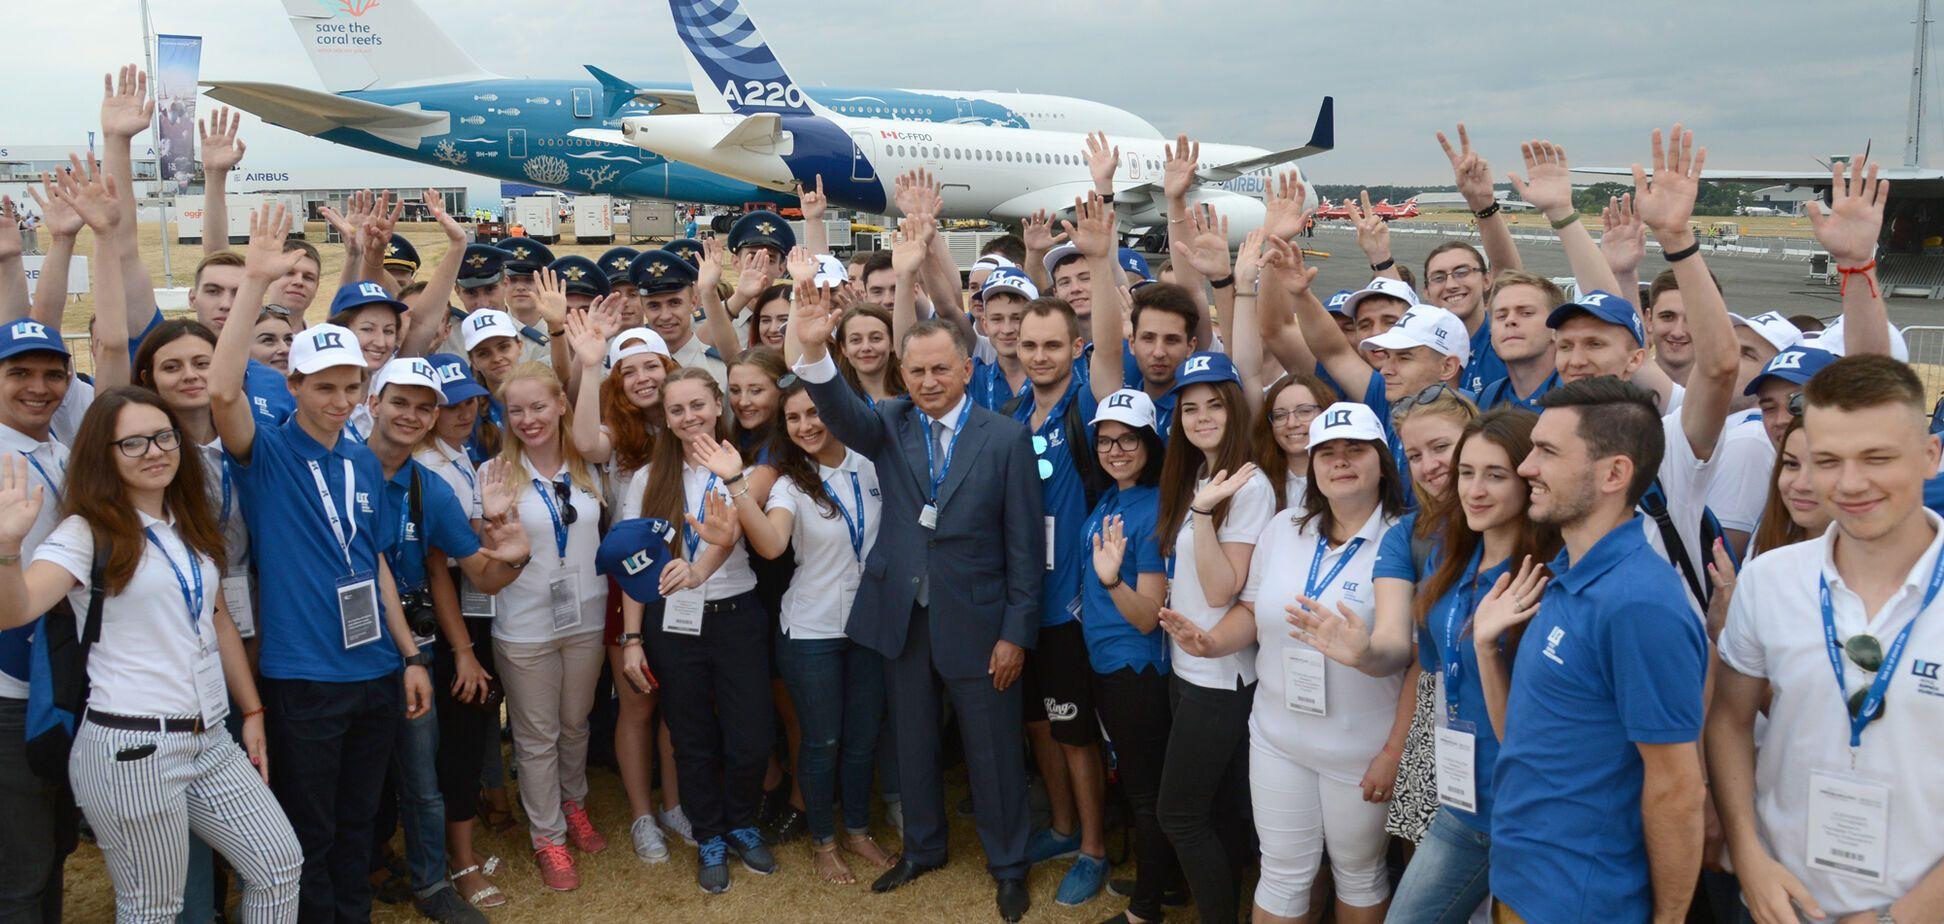 'Мы гордимся нашей страной!' Лучшие студенты Украины посетили крупнейший авиасалон Фарнборо